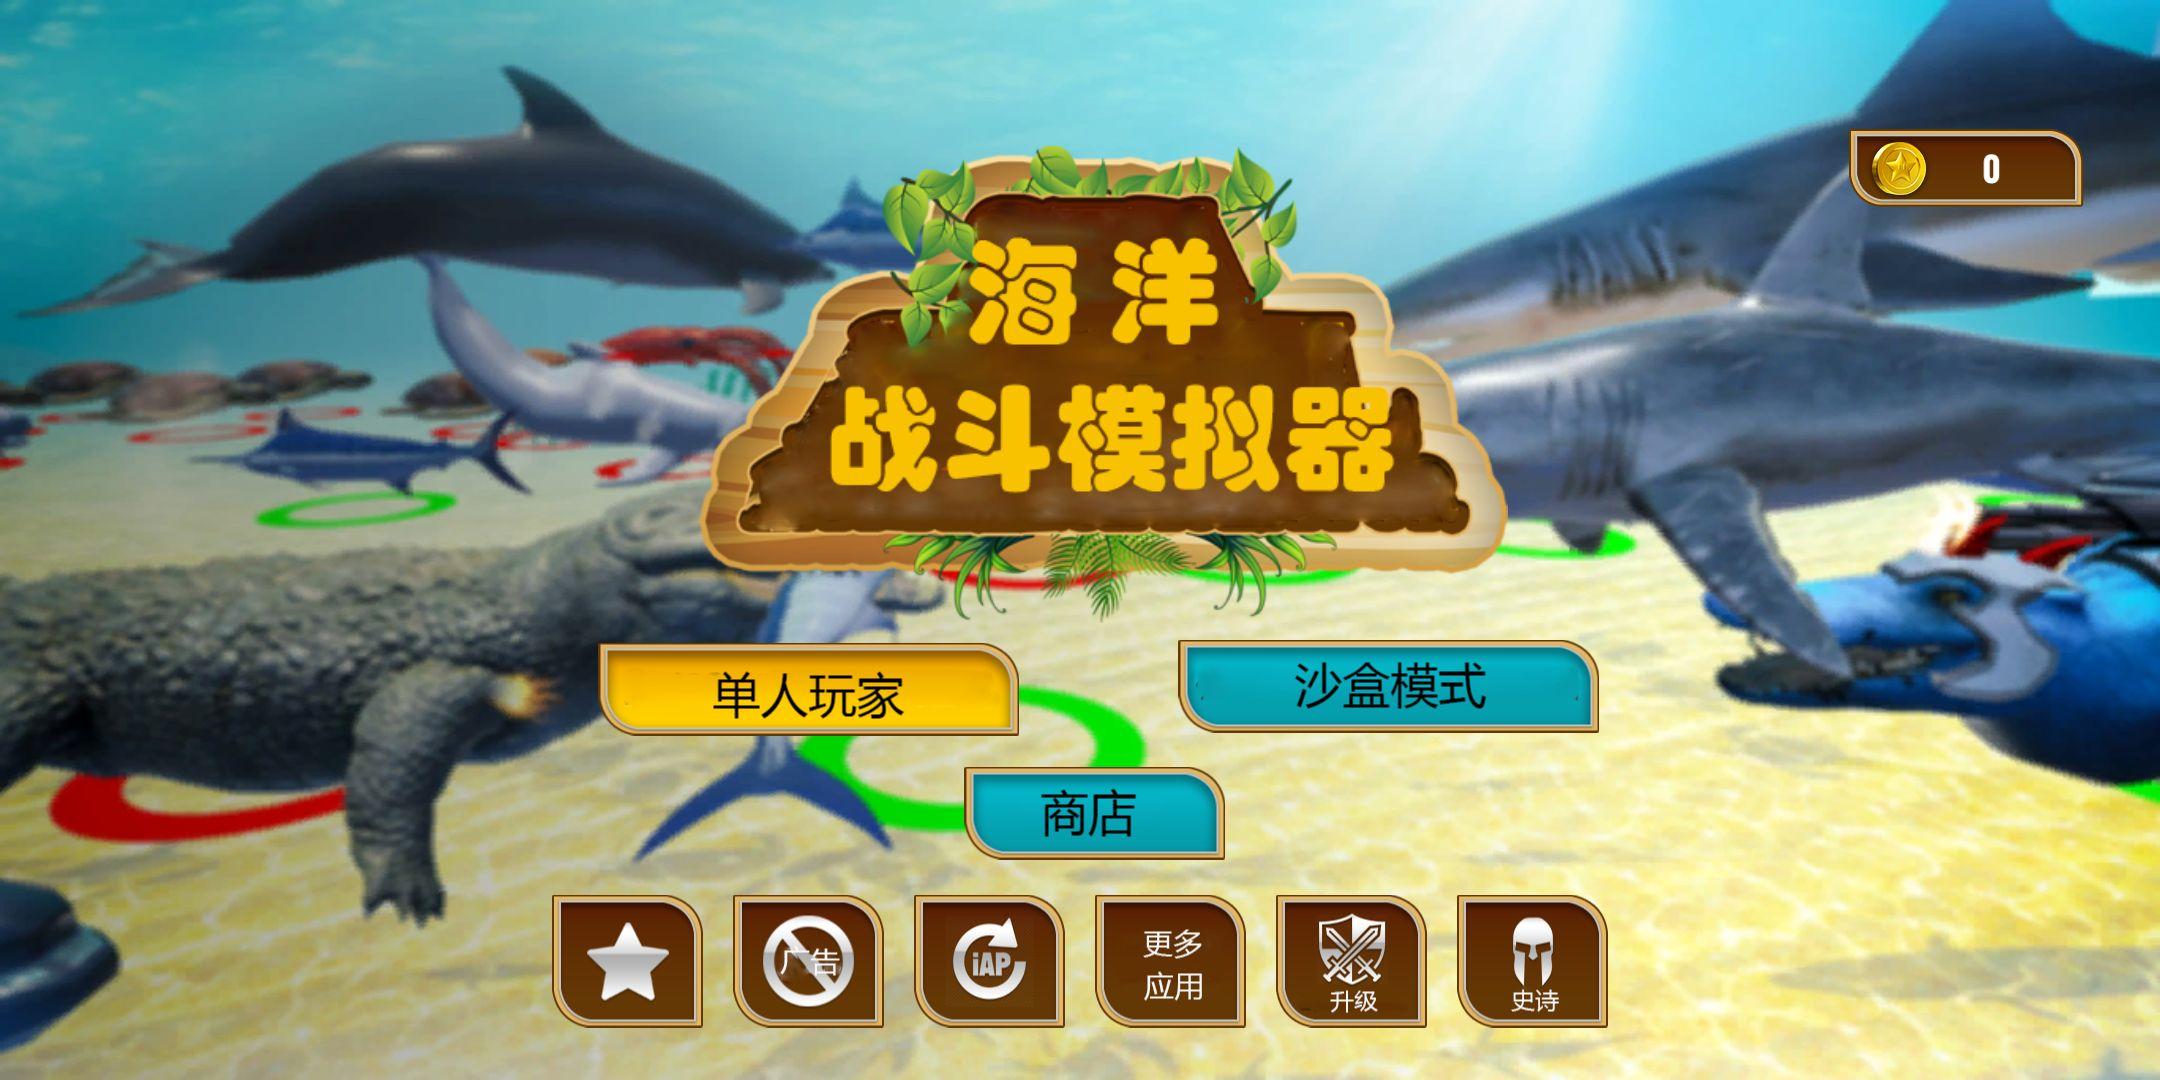 海洋战斗模拟器怎么玩?带你领略不一样的海战!